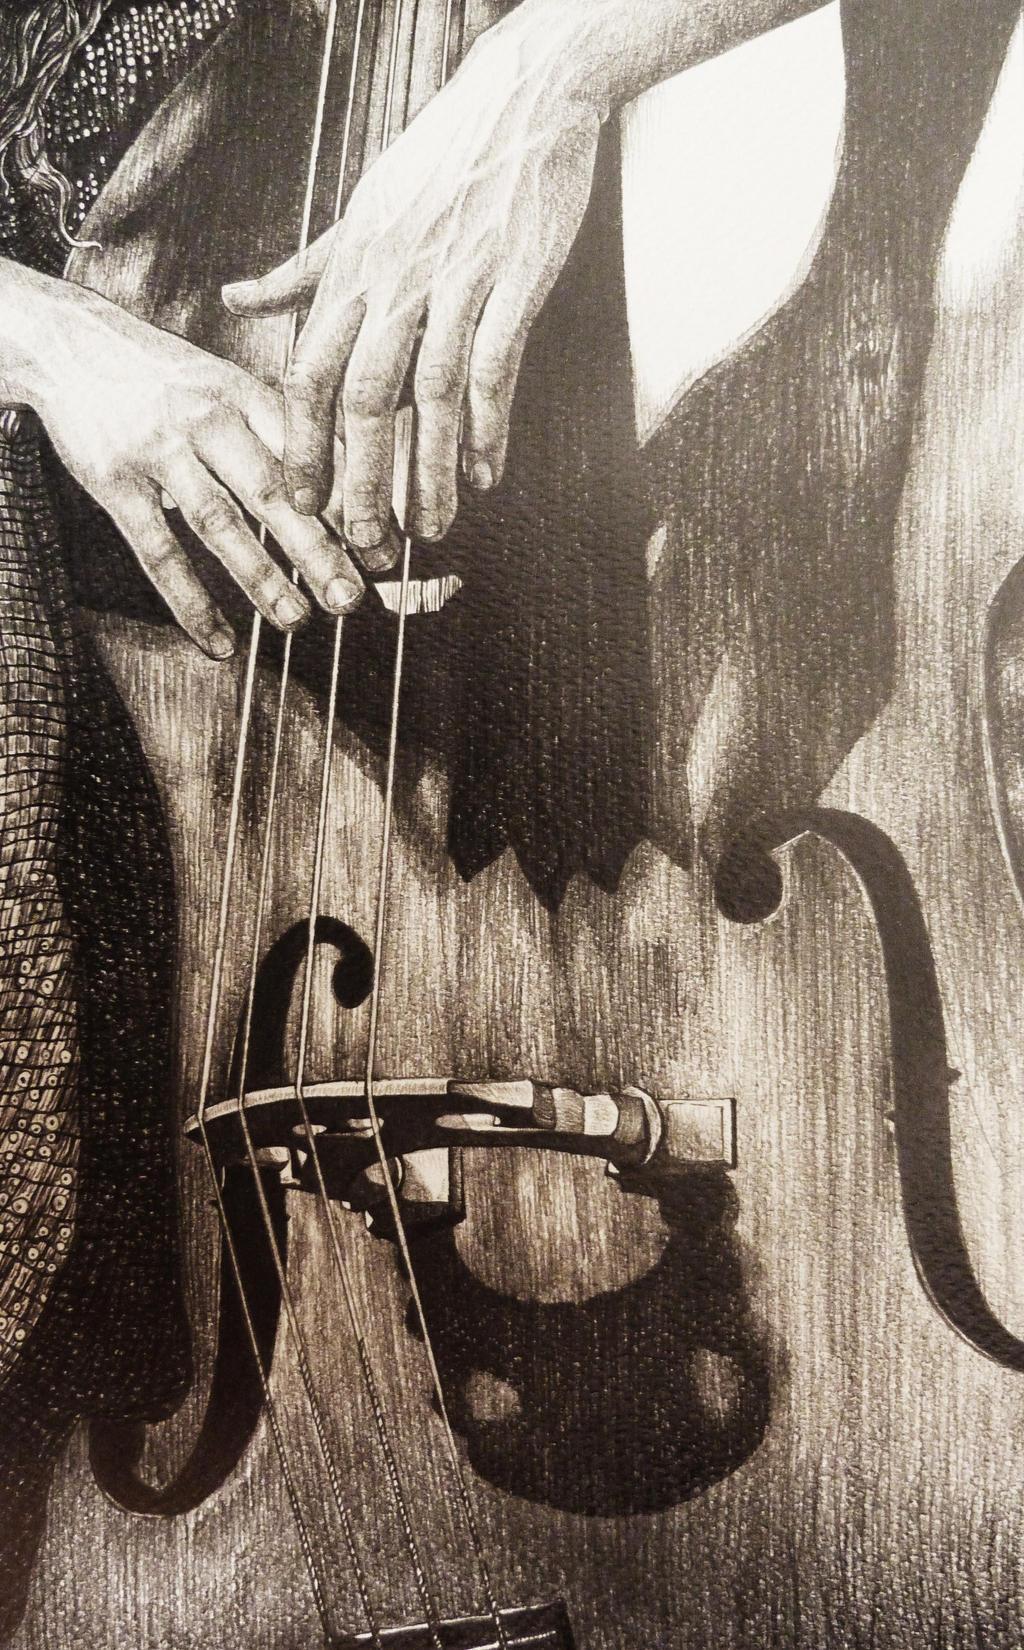 Cello sketch by AlexndraMirica